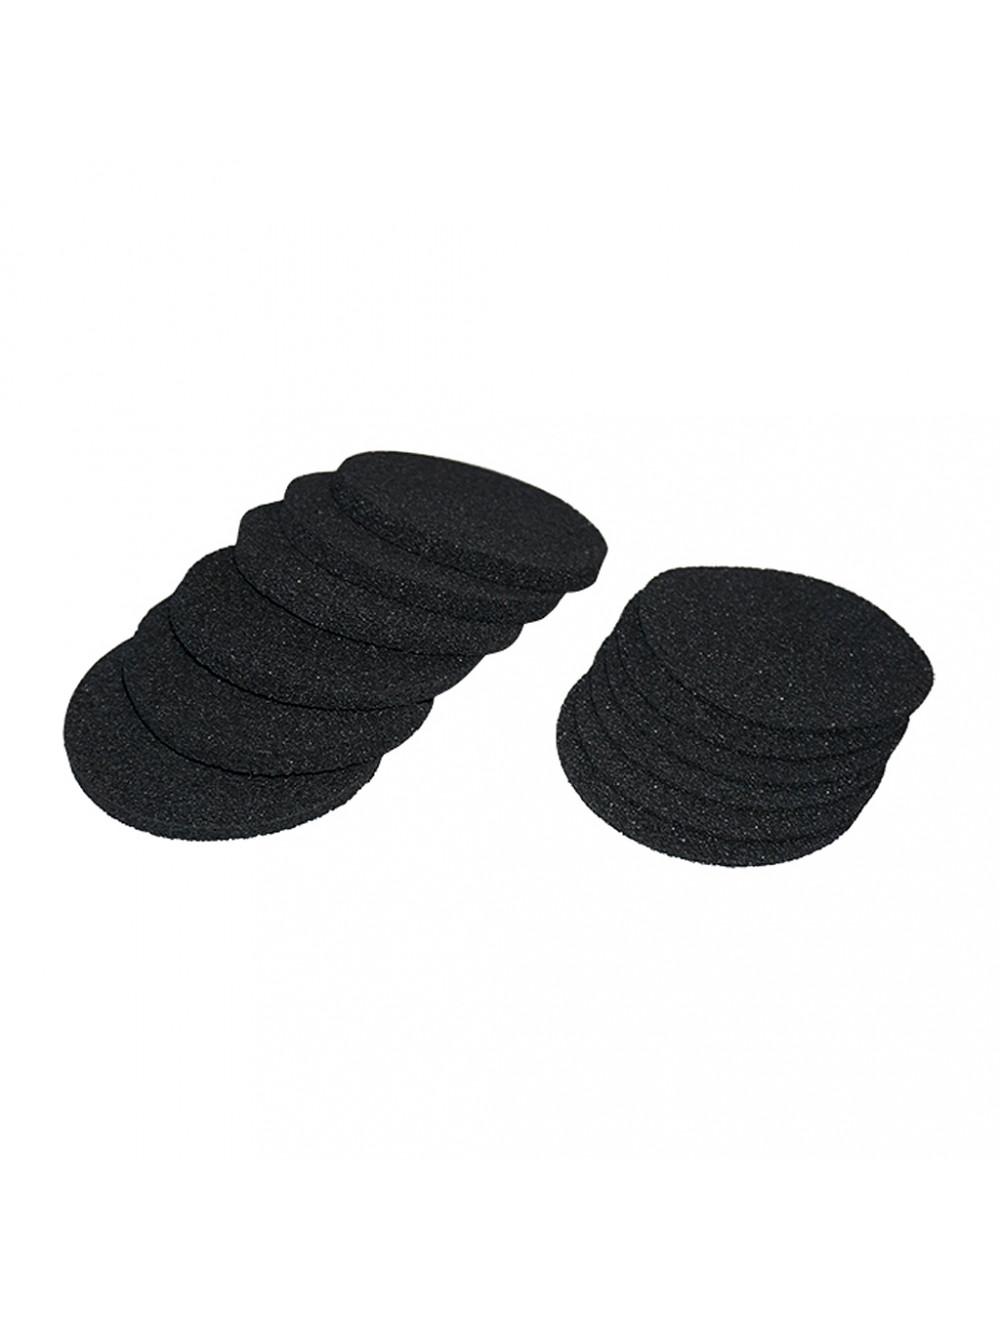 Erkodent Erkopor black Schaumstoffscheiben 110901 und 110902